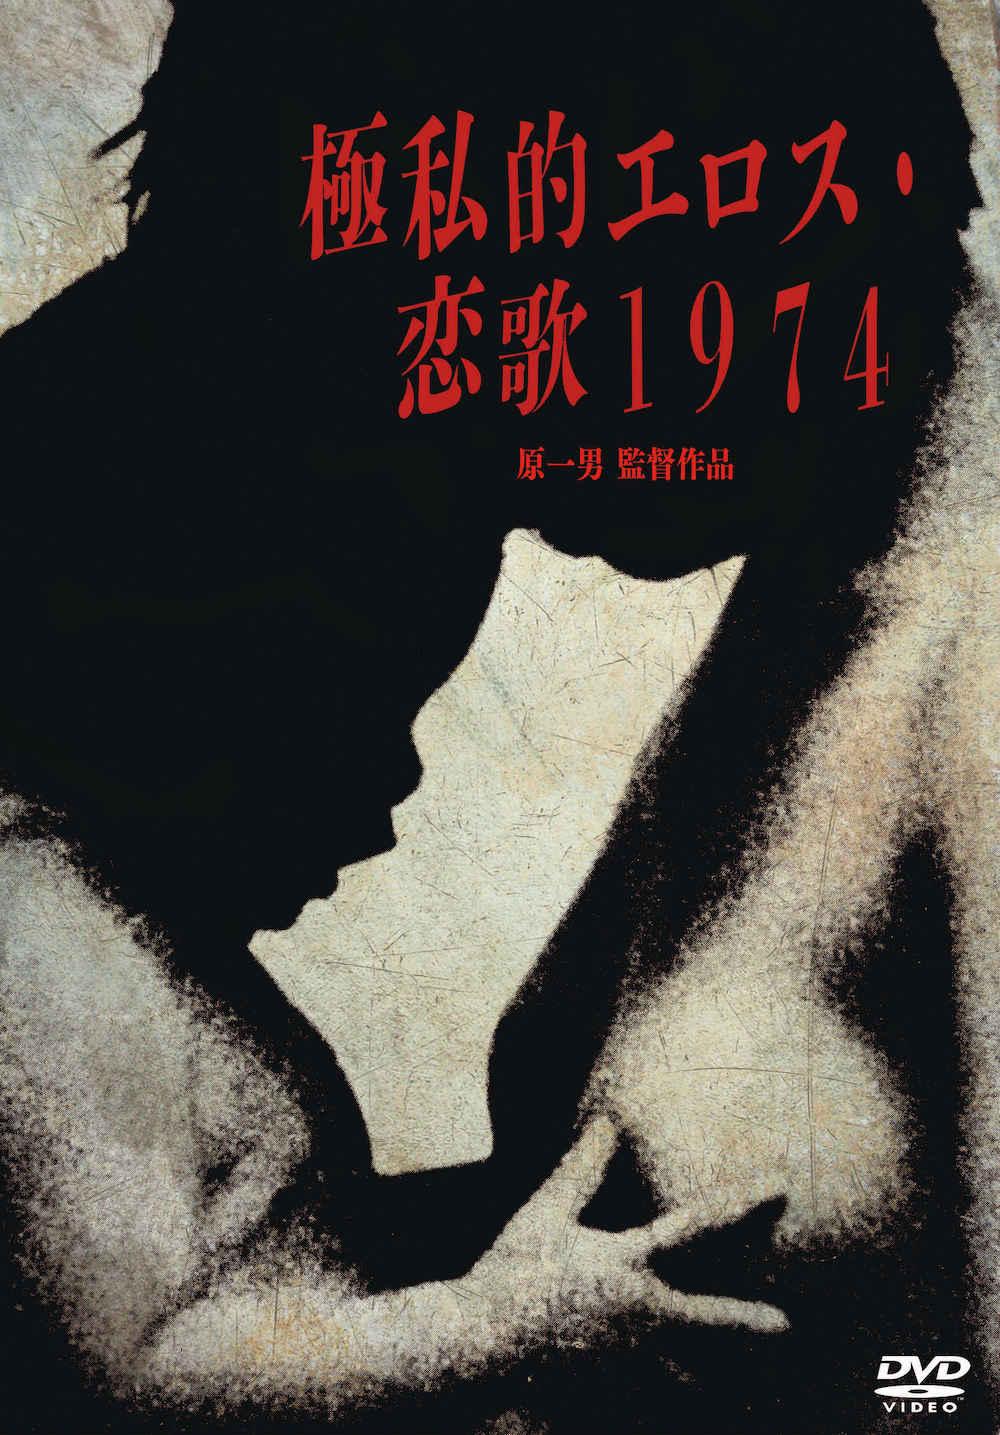 極私的エロス・恋歌1974 / 原一男(監督)